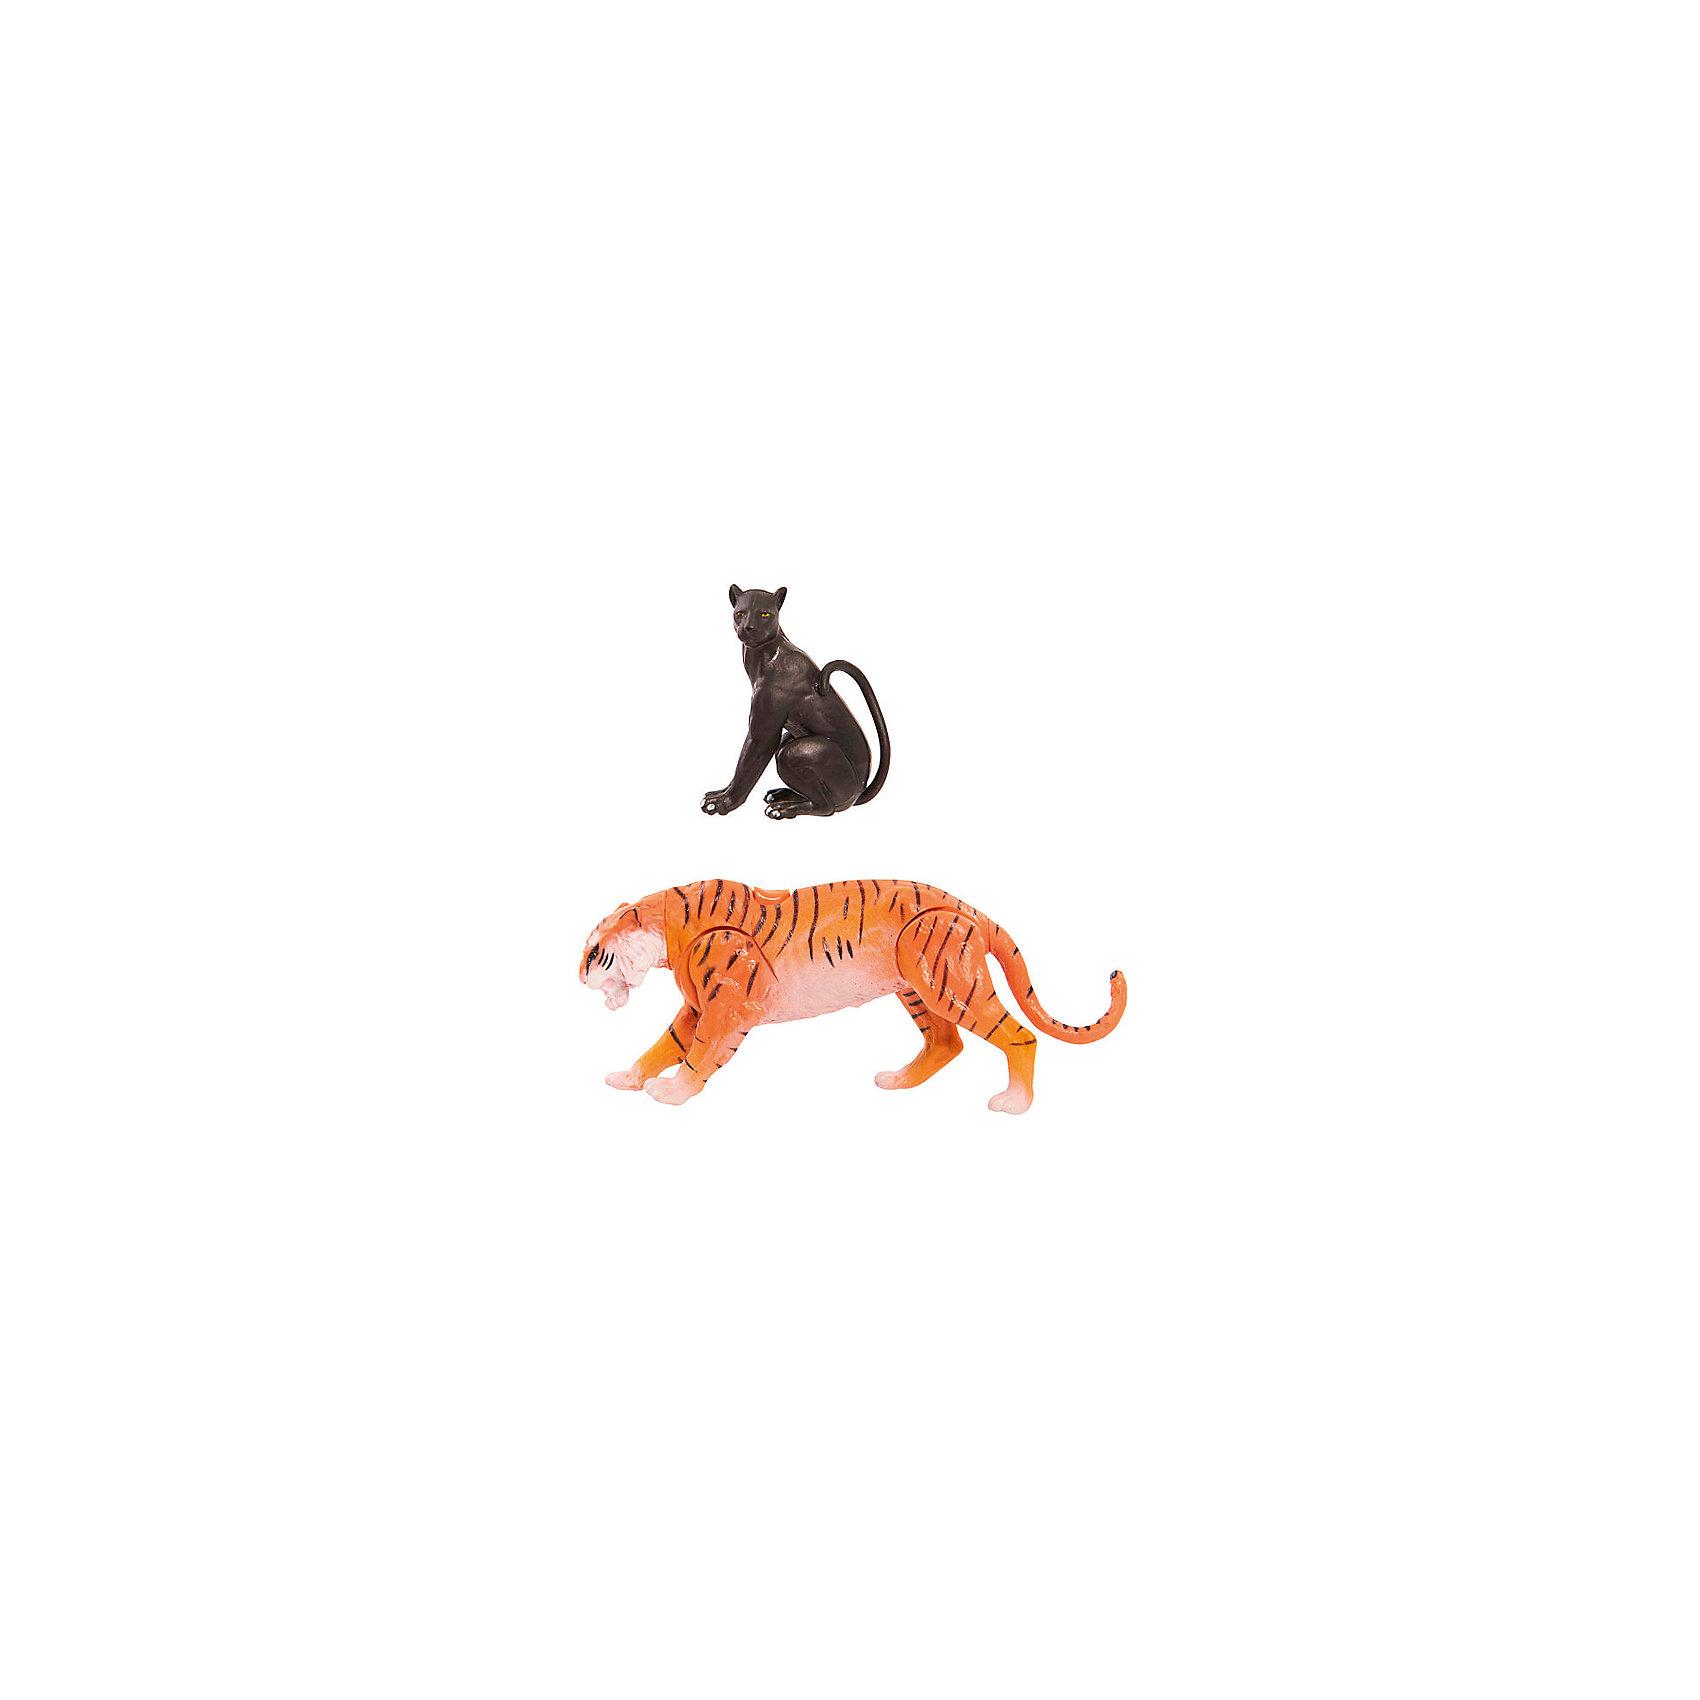 Фигурки Книга Джунглей - Шерхан и БагираМир животных<br>Характеристики товара:<br><br>- цвет: разноцветный;<br>- материал: пластик;<br>- размер упаковки: 20х8х21см;<br>- вес: 230 г;<br>- комплект: 2 фигурки.<br><br>Играть с фигурками из любимого фильма - вдвойне интереснее! Фигурки героев Книги Джунглей очень красивые, они хорошо детализированы. Каждая фигурка отлично выполнена, поэтому она станет желанным подарком для ребенка. Такое изделие отлично тренирует у ребенка разные навыки: играя с фигурками, ребенок развивает мелкую моторику, цветовосприятие, внимание, воображение и творческое мышление. В наборе - 2 фигурки.<br>Из этих фигурок можно собрать целую коллекцию! Изделие произведено из высококачественного материала, безопасного для детей.<br><br>Игрушку Тигр от бренда Jungle Book можно купить в нашем интернет-магазине.<br><br>Ширина мм: 210<br>Глубина мм: 200<br>Высота мм: 80<br>Вес г: 230<br>Возраст от месяцев: 36<br>Возраст до месяцев: 2147483647<br>Пол: Унисекс<br>Возраст: Детский<br>SKU: 5140206